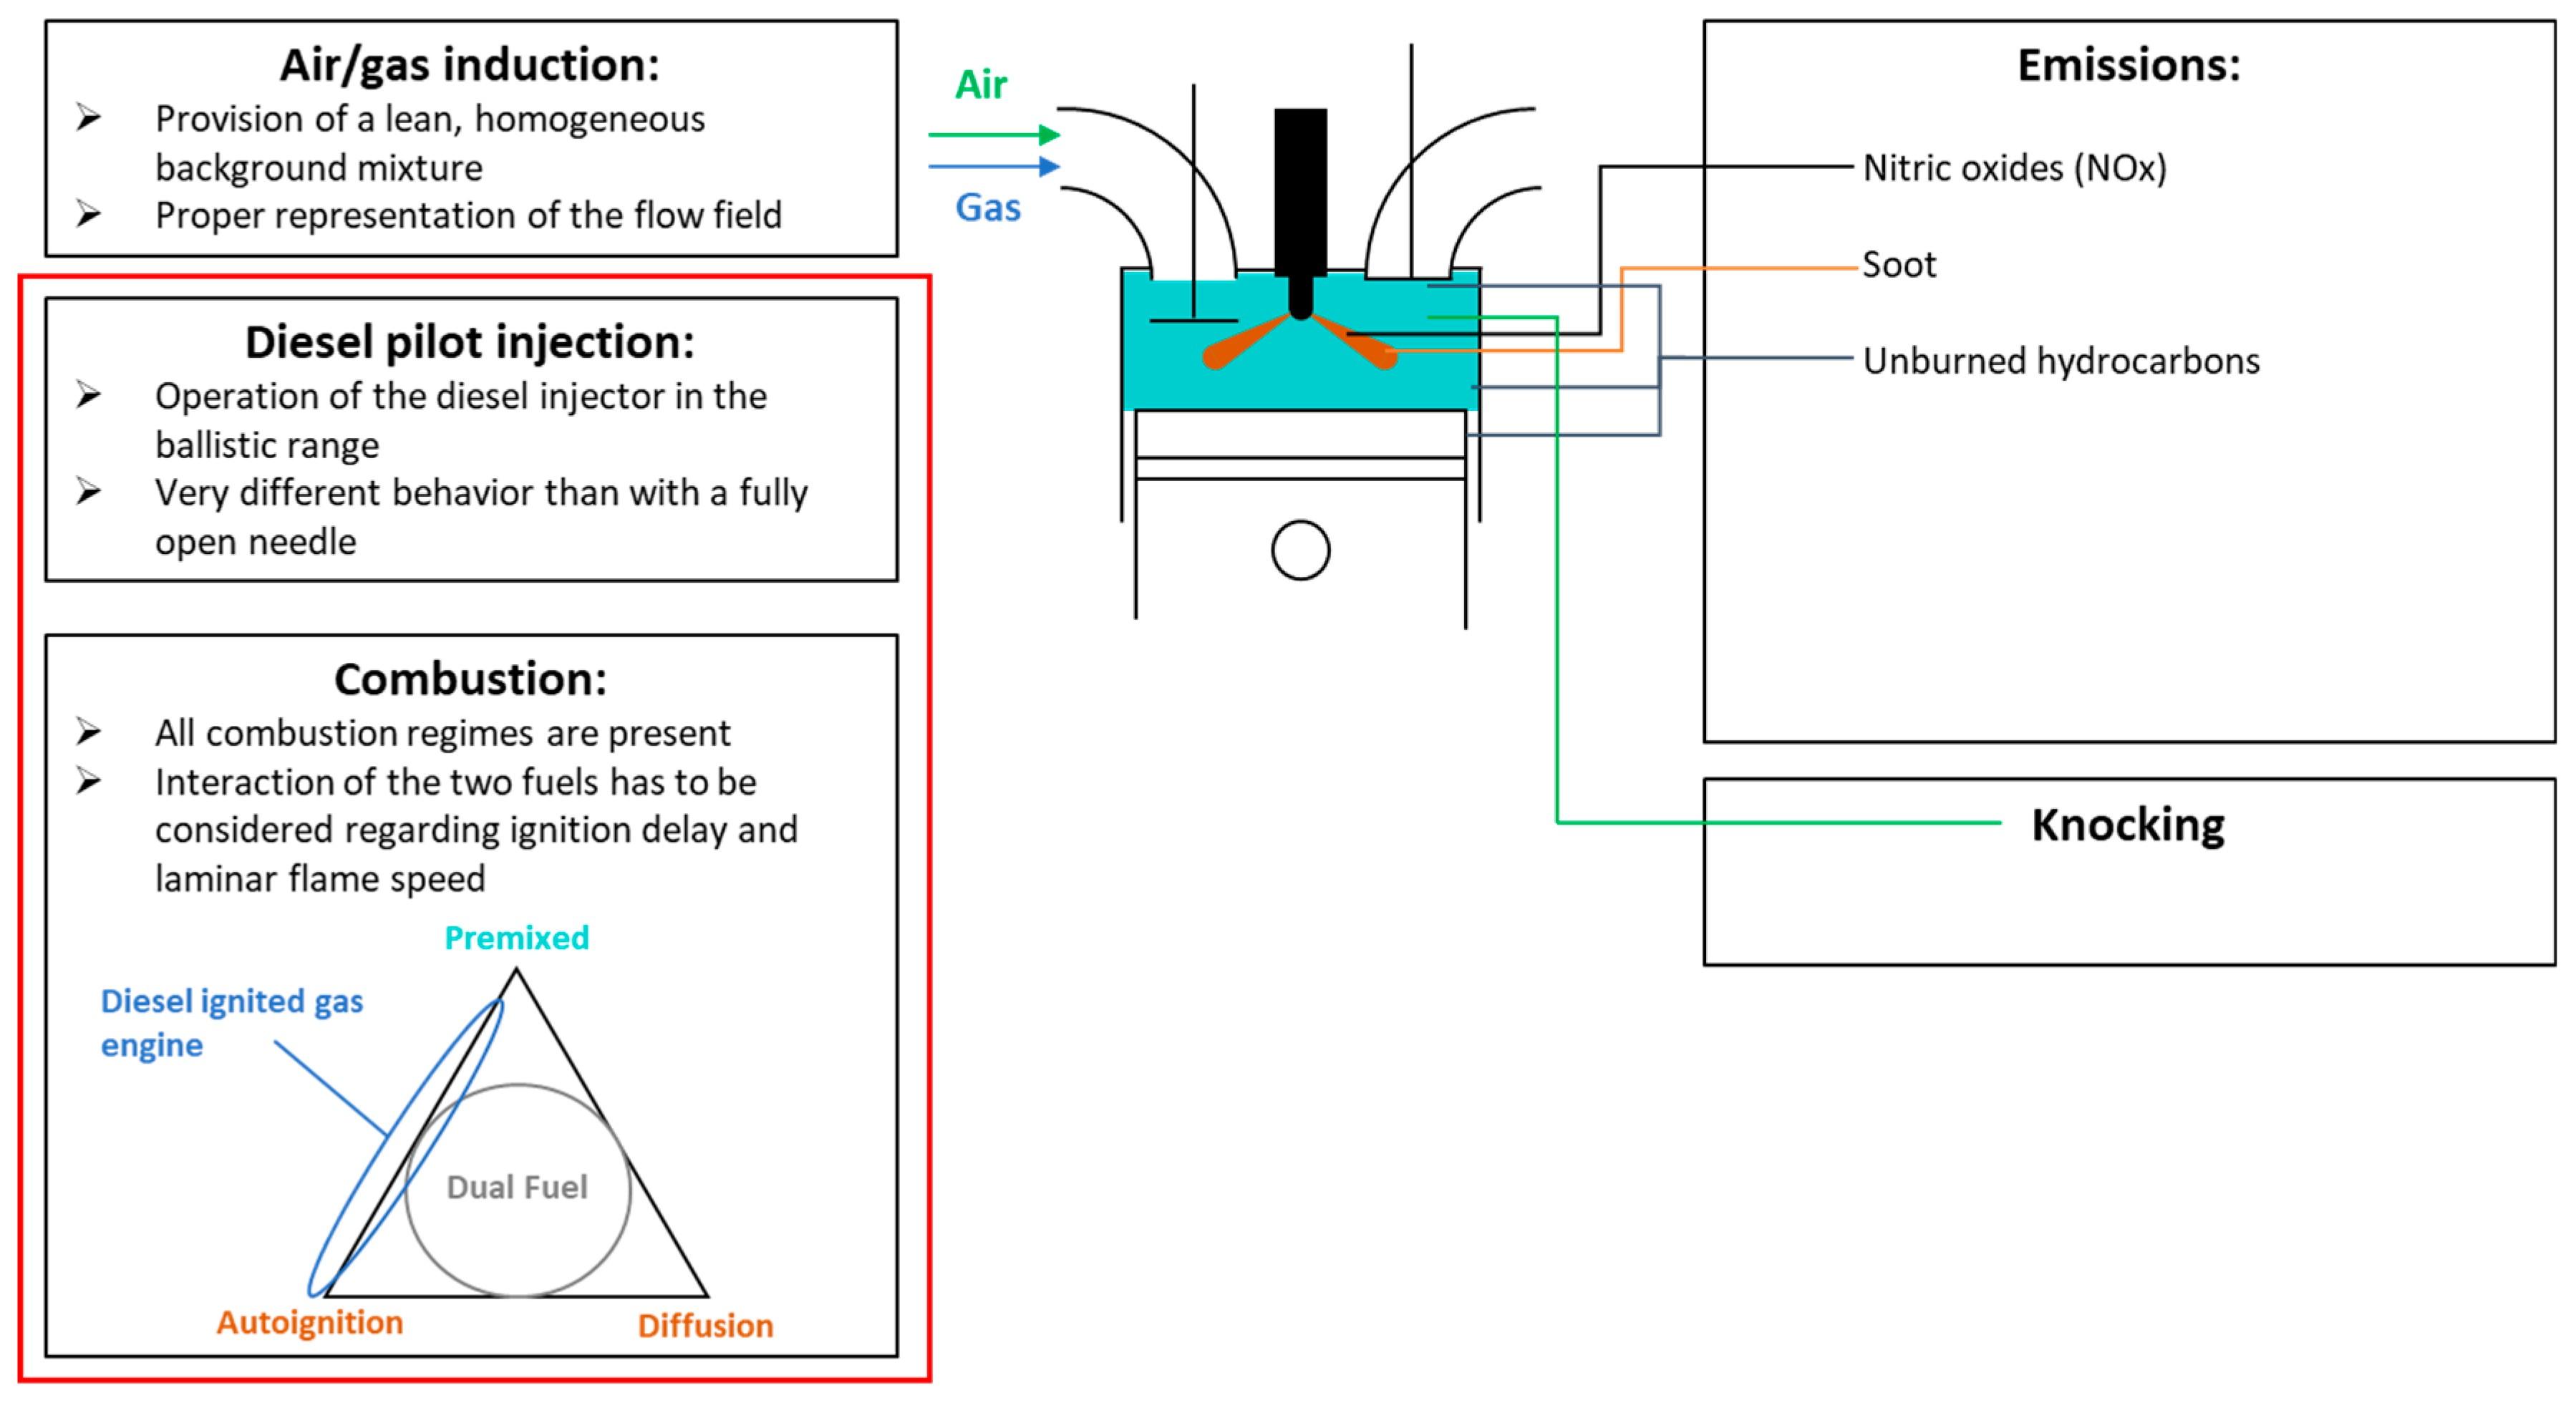 Lean Burn Engine Diagram Energies Free Full Text Of Lean Burn Engine Diagram